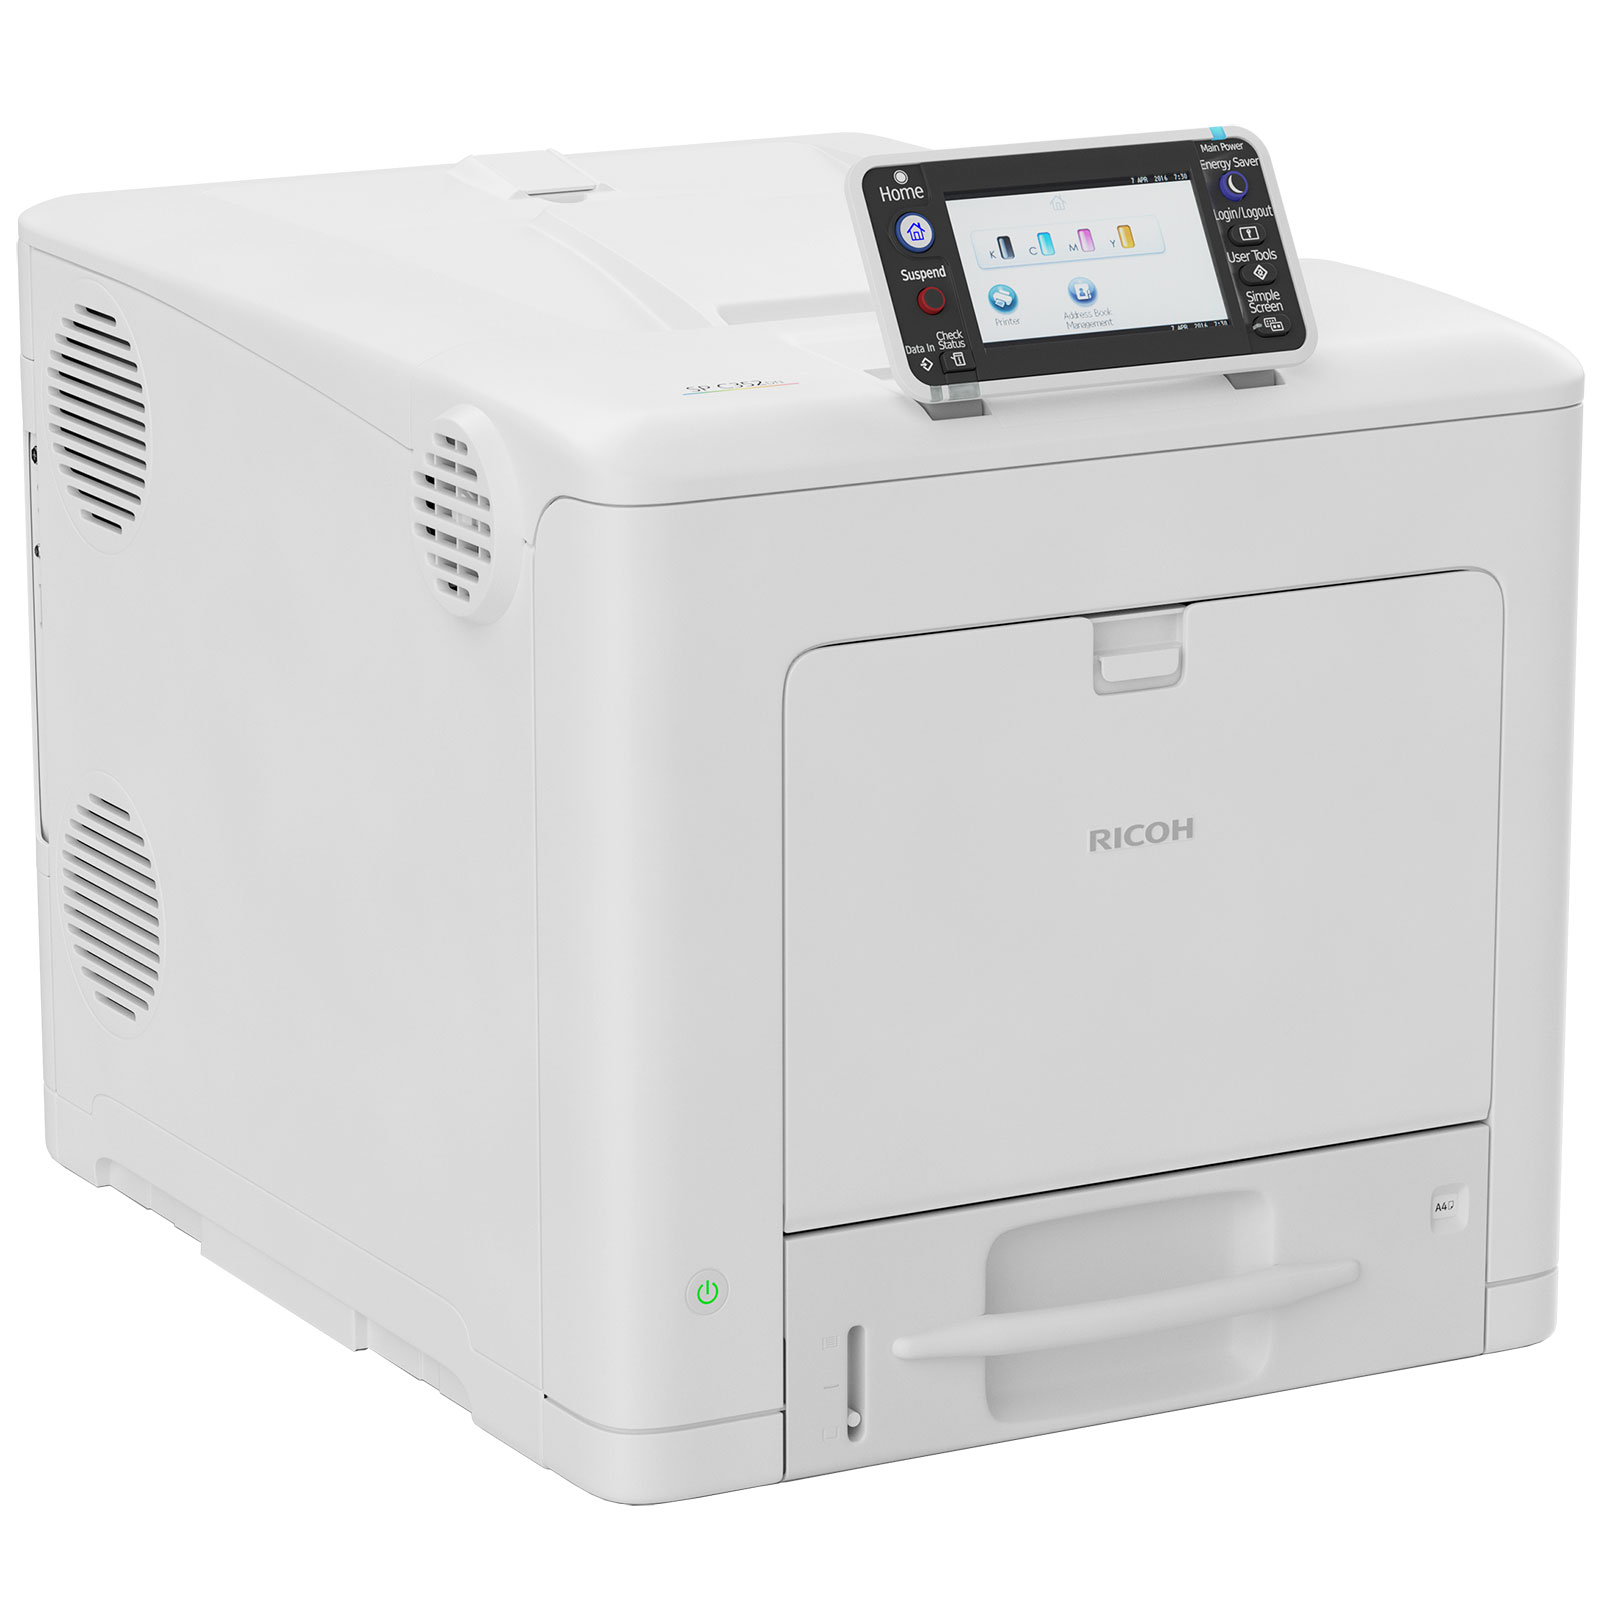 Ricoh Sp C352dn Imprimante Laser Ricoh Sur Ldlc Com